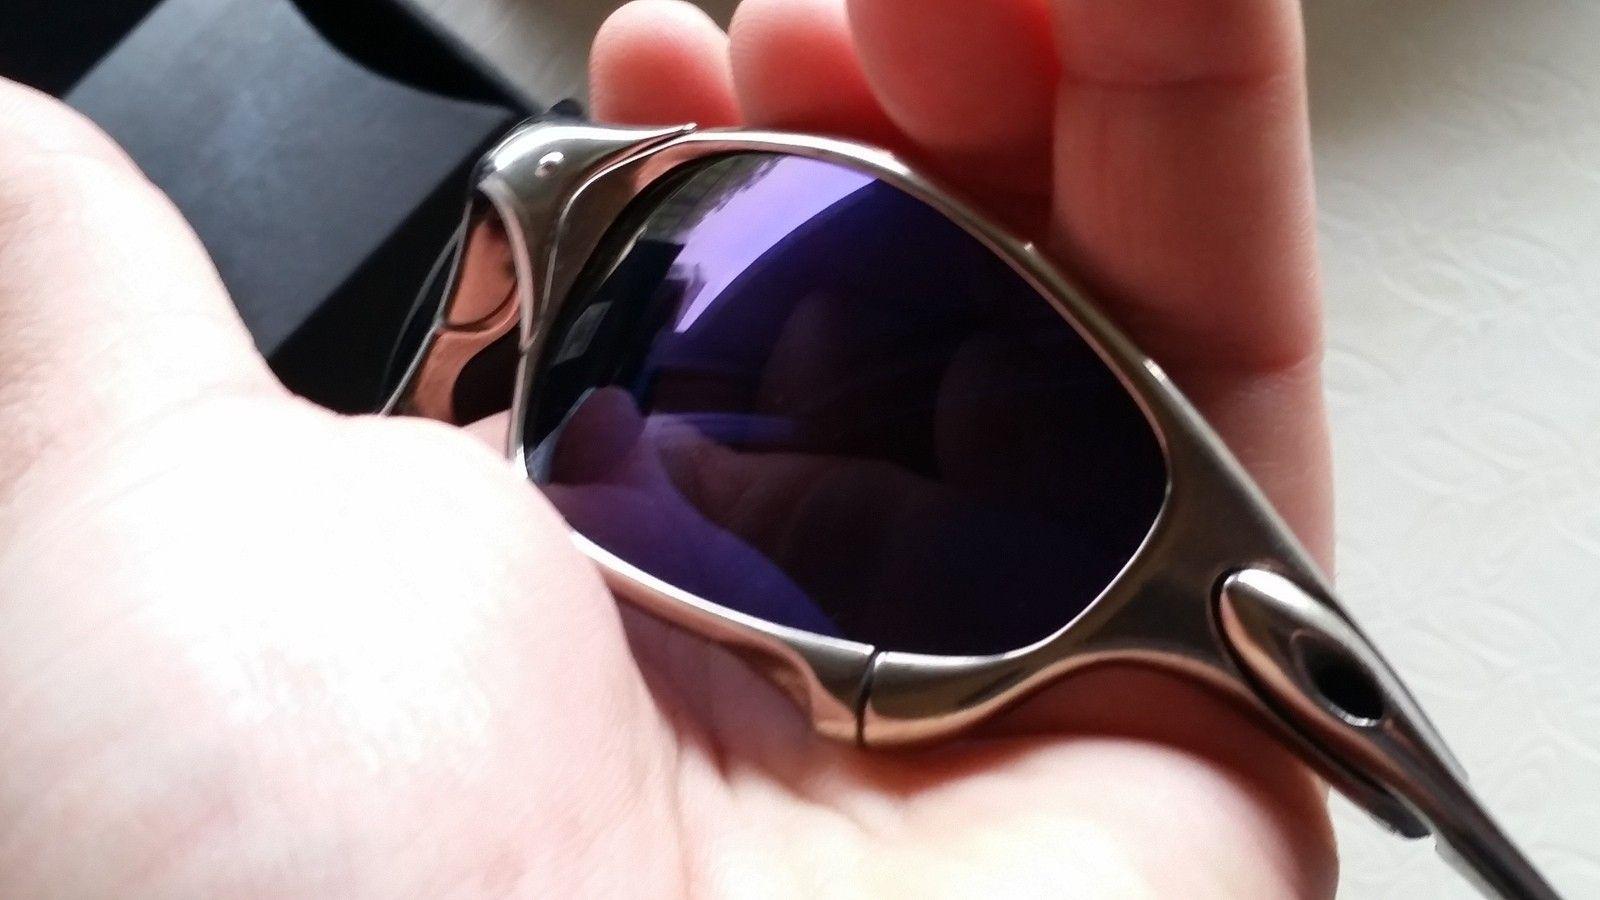 Everything Juliet, OTT, lenses, rubbers, accessories - uploadfromtaptalk1434919463874.jpg